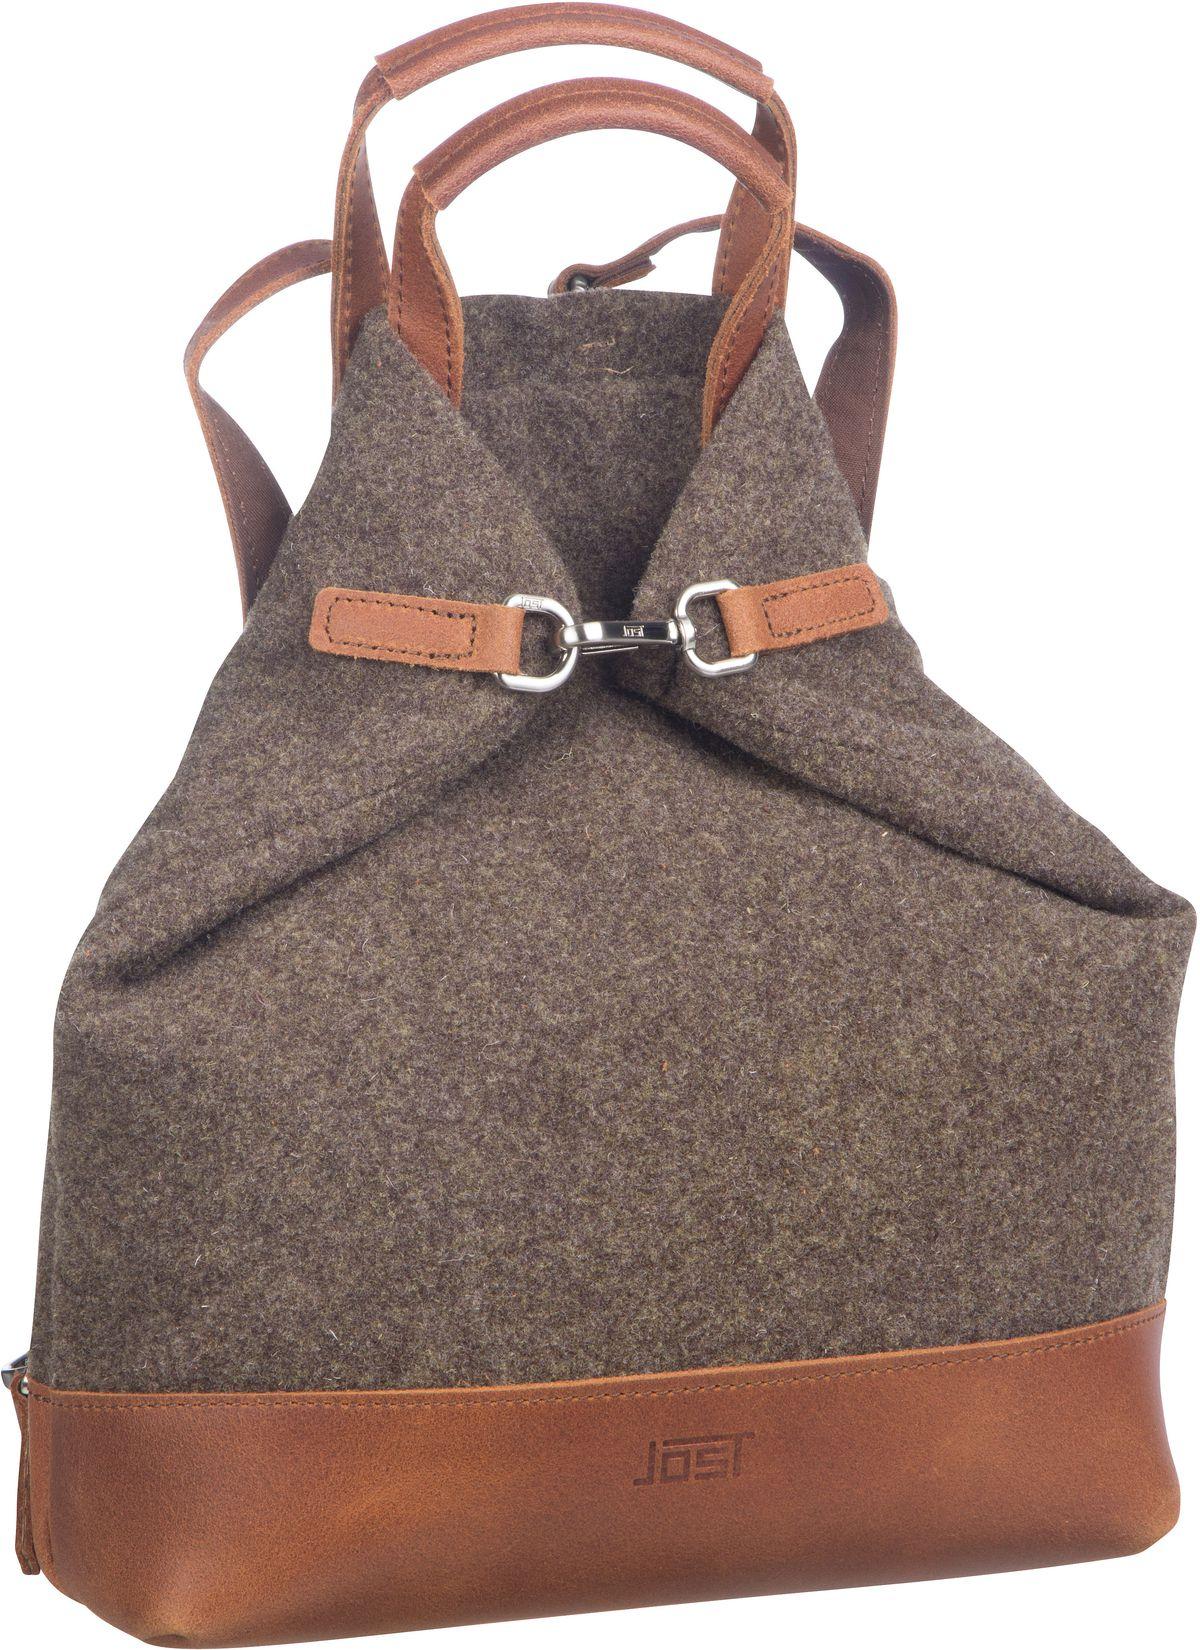 Rucksack / Daypack Farum 3025 X-Change Bag XS Brown